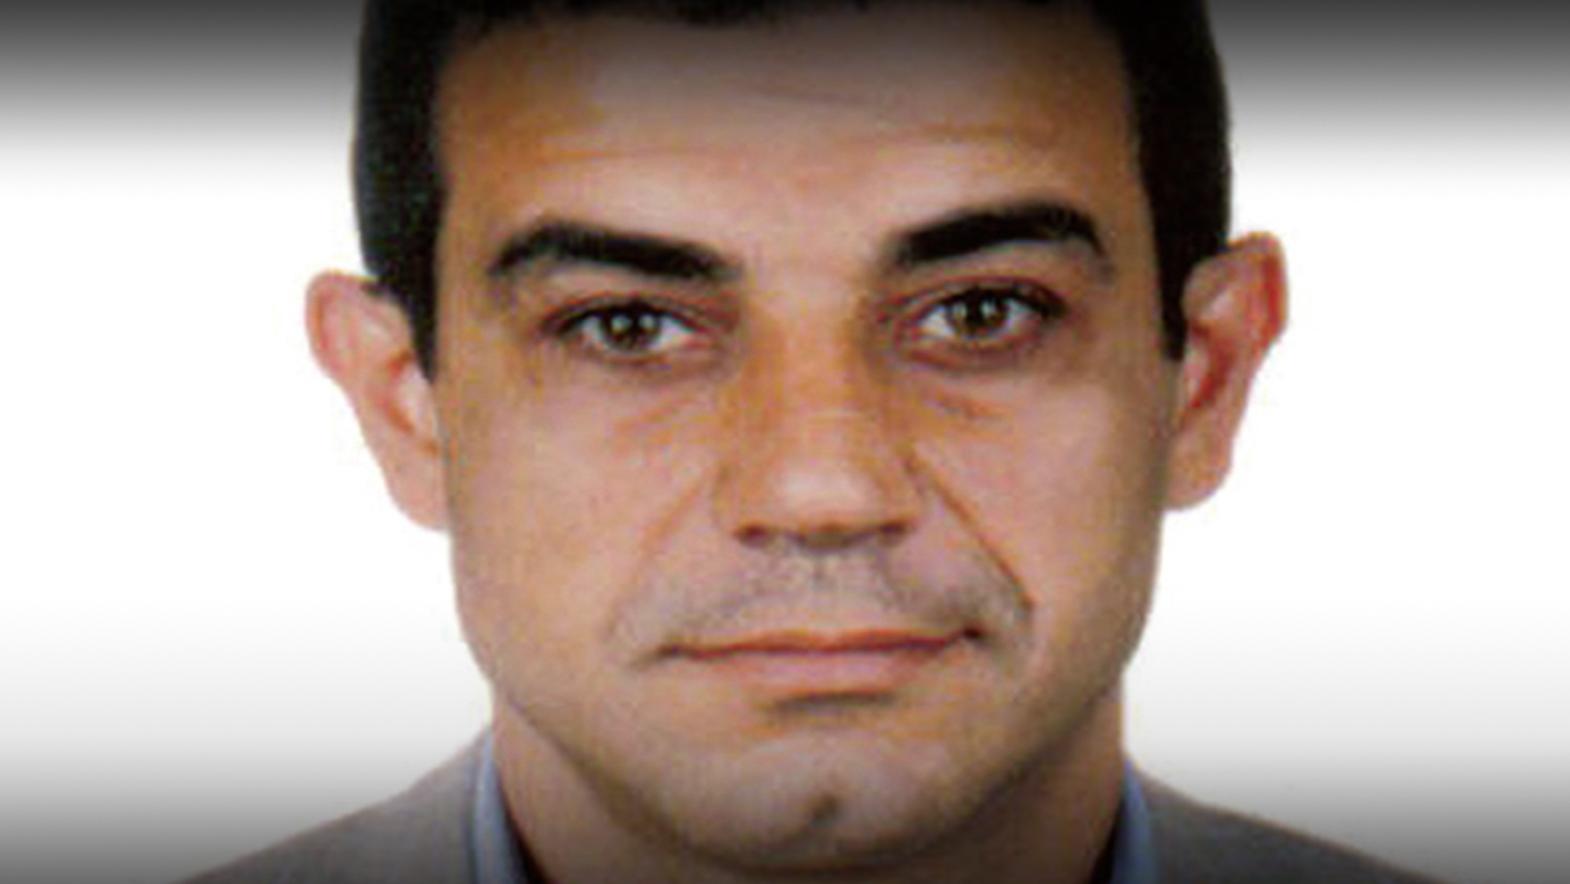 Ghazi Nasr Al Din (Crédito: FBI)